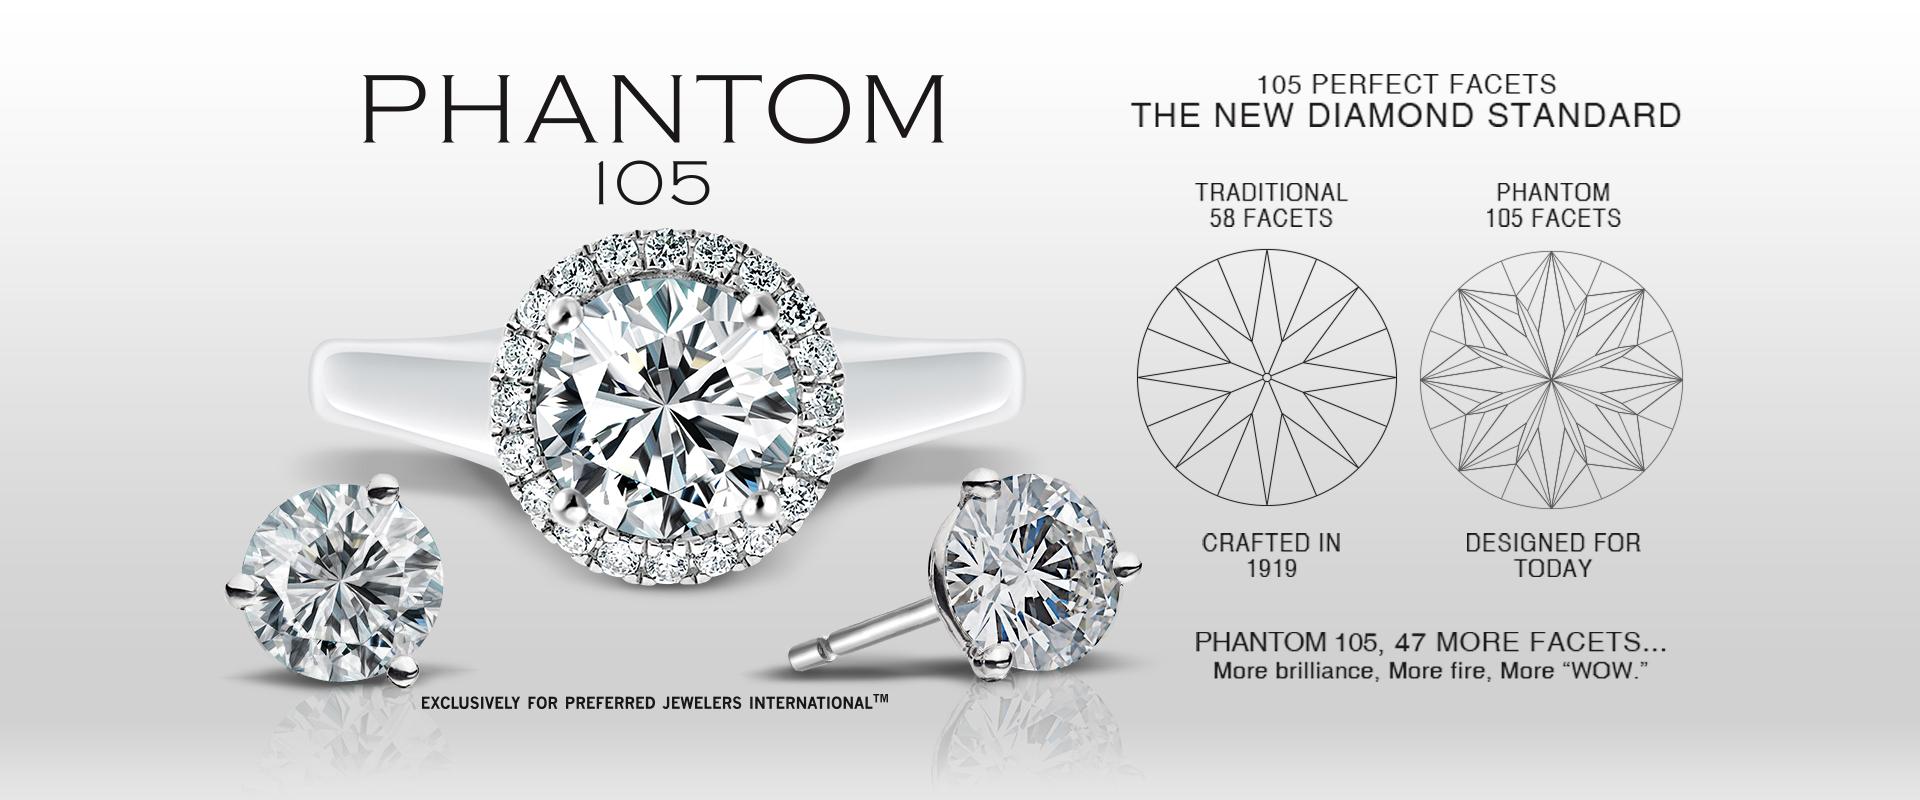 Phantom 105 Diamond